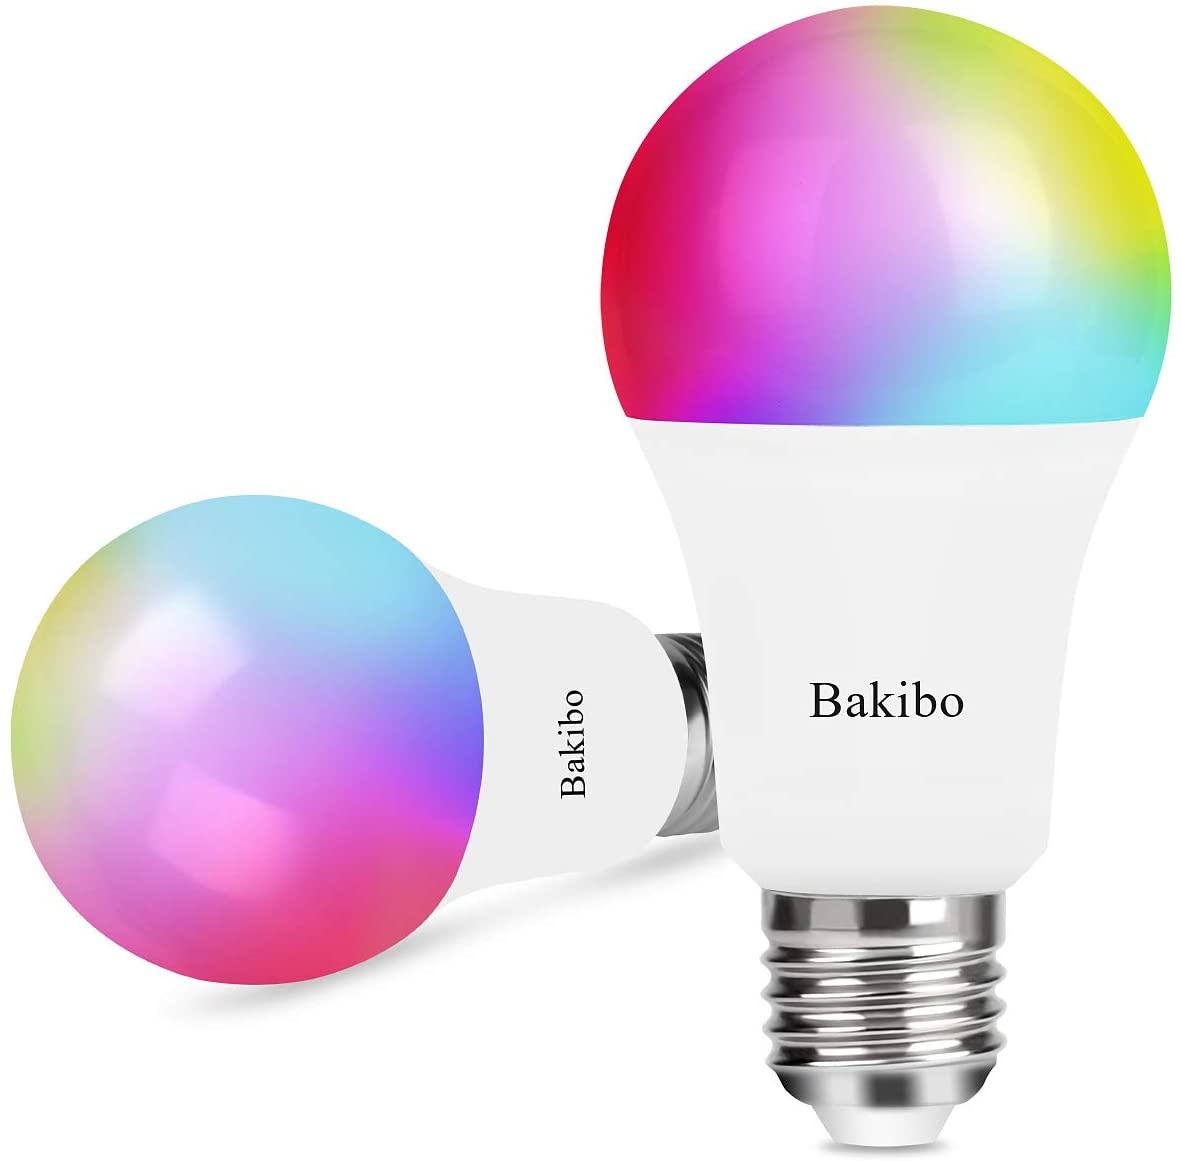 bakibo Lampadina Wifi Intelligente Led Smart Dimmerabile 9W 1000Lm, E27 Multicolore Lampadina Compatibile con Alexa, Google Home e IFTTT, A19 90W Equivalente RGBCW Colore Cambiante Lampadina, 2 Pcs